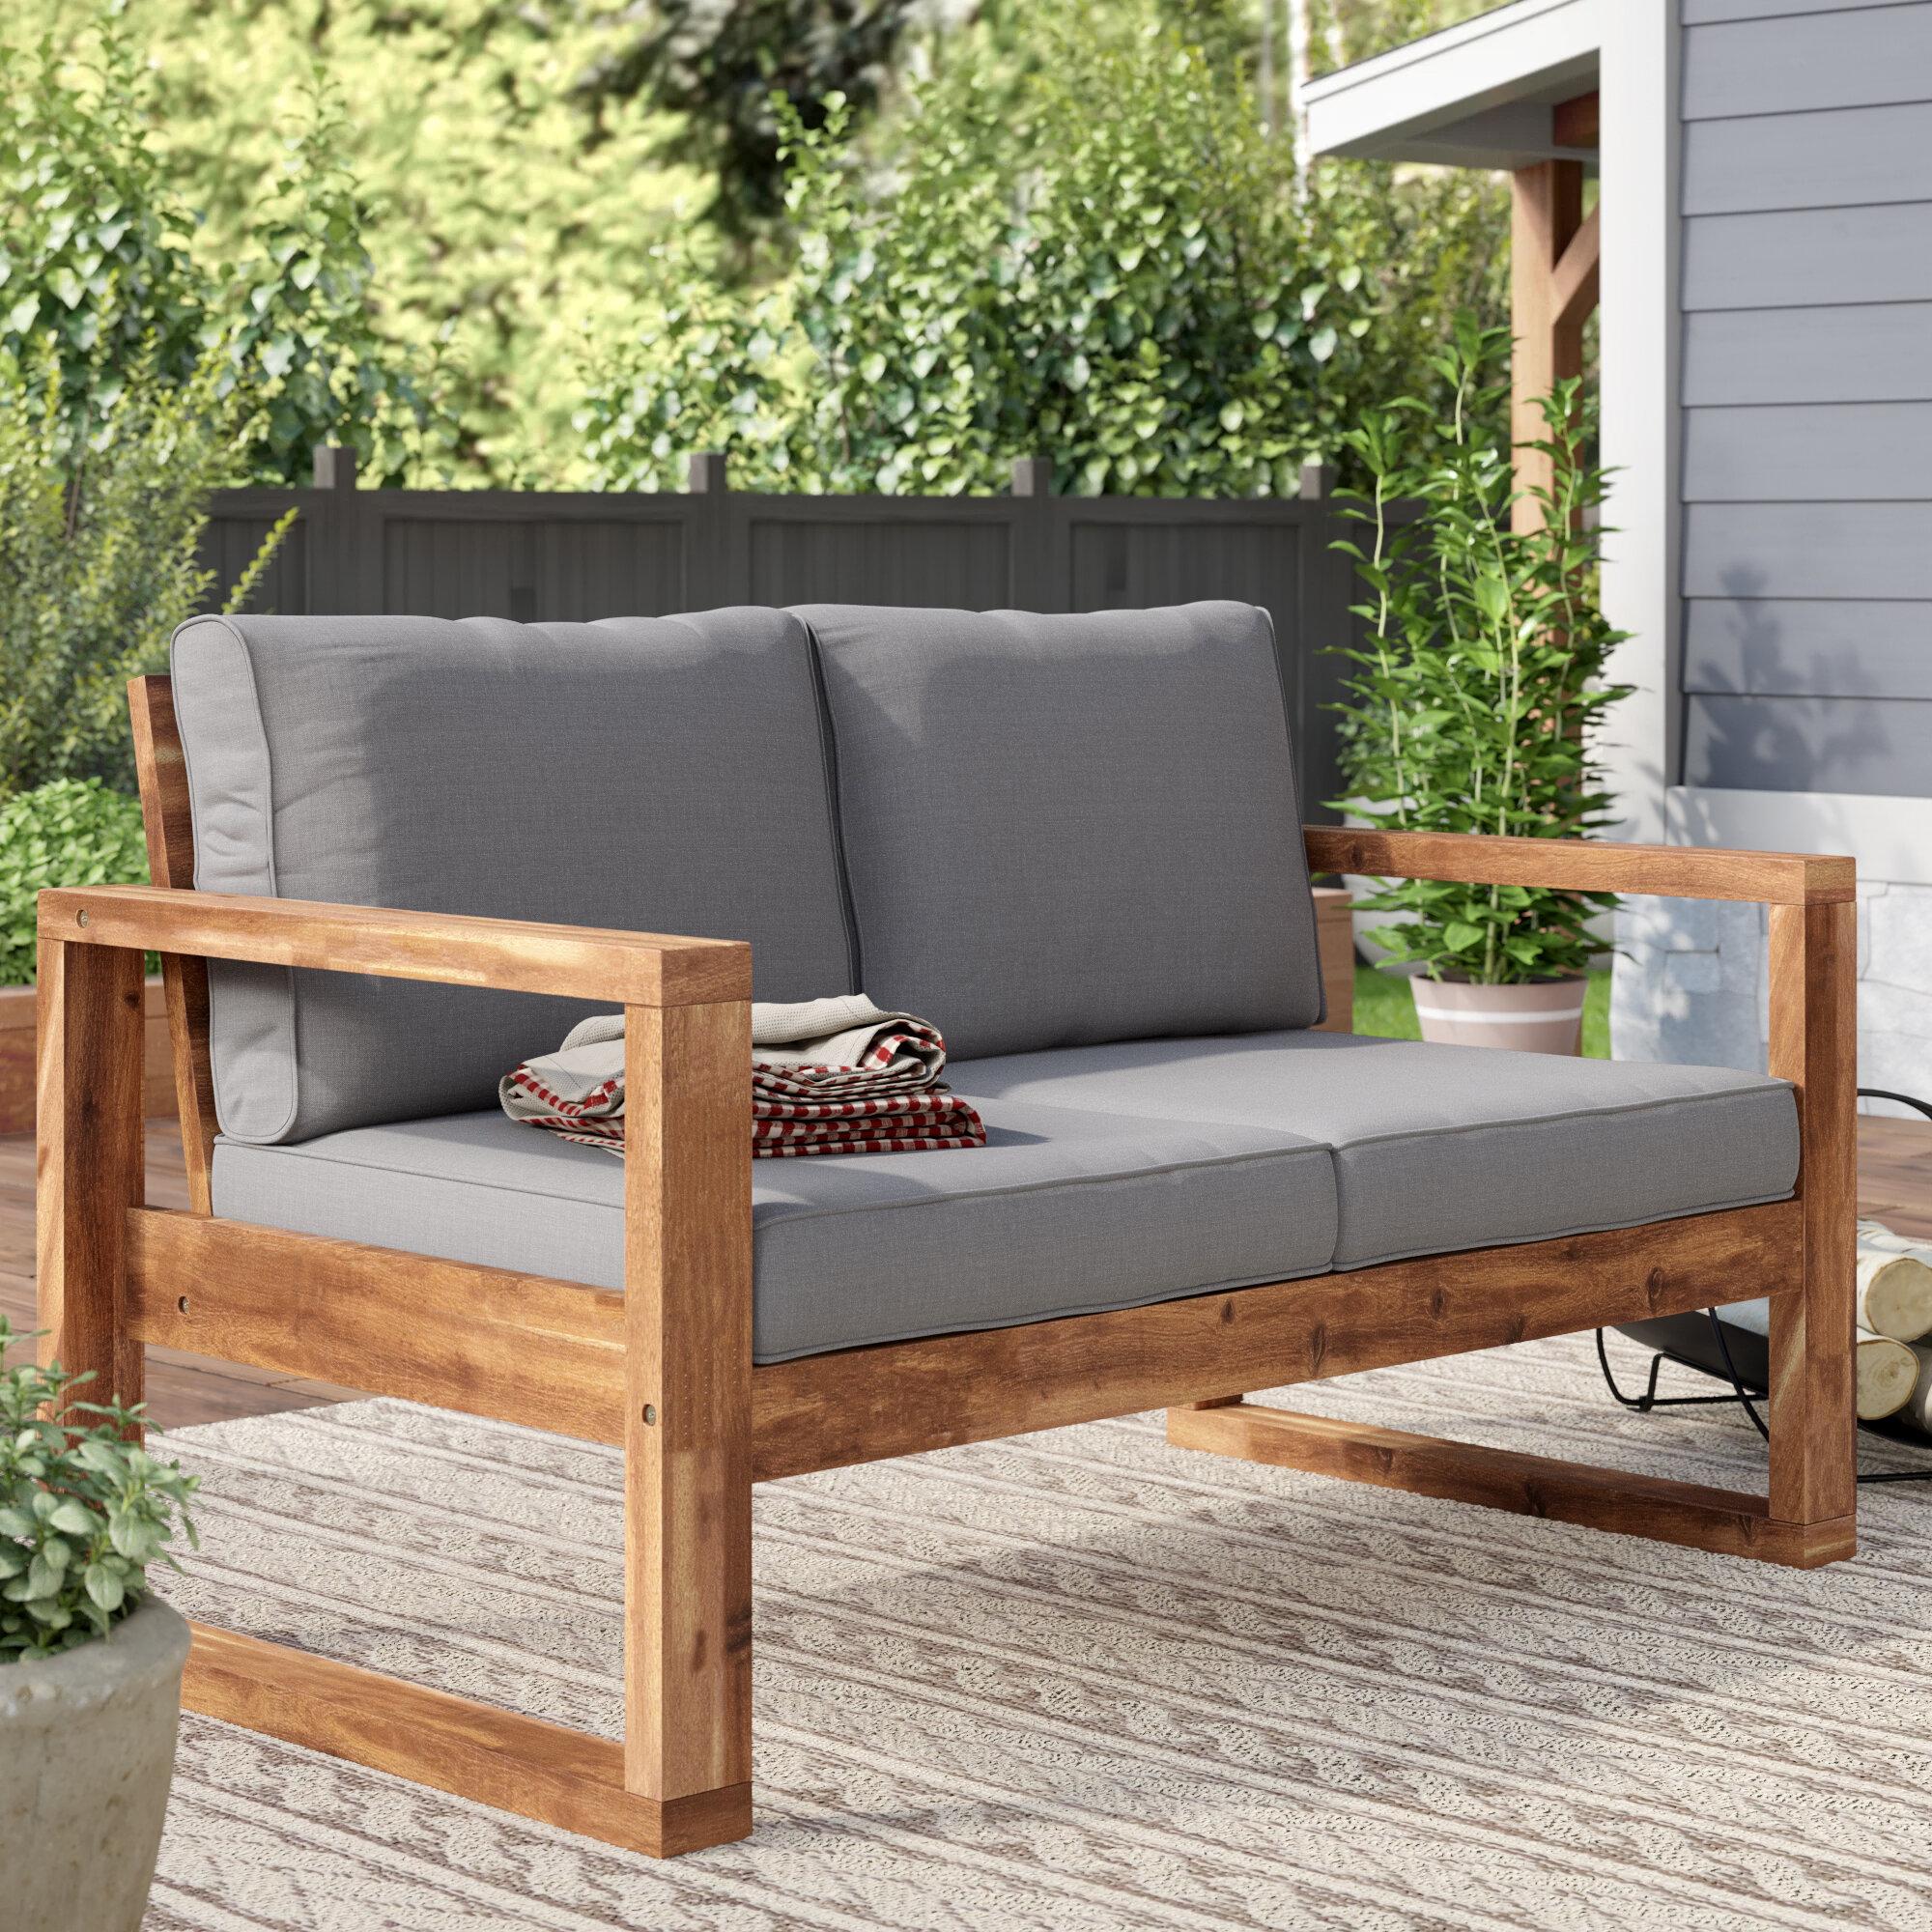 Outdoor Sofas Loveseats On